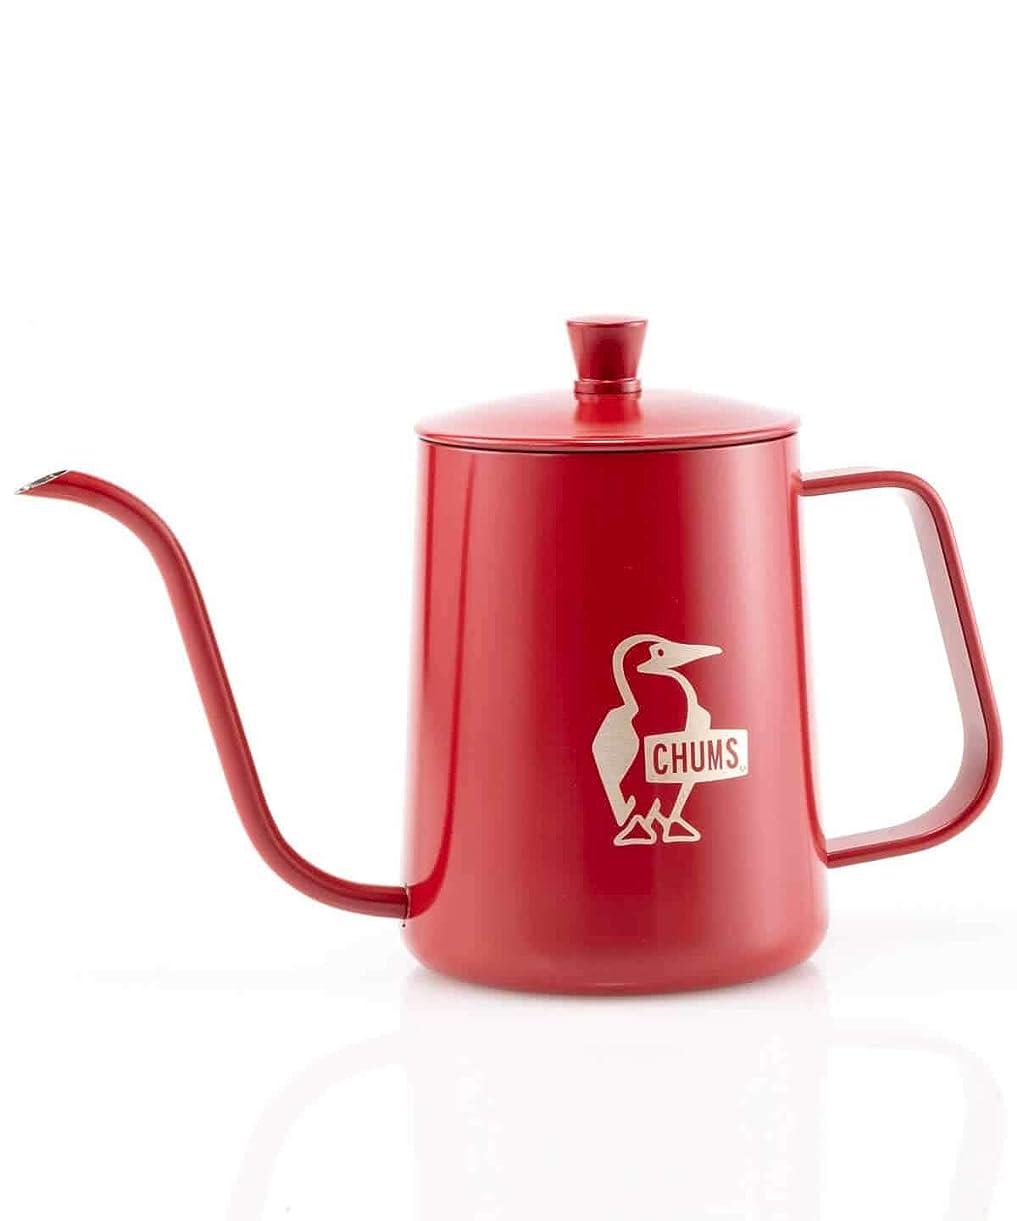 息を切らしてリベラル関係するチャムス (CHUMS) ケトル ブービーハンドドリップコーヒー レッド CH62-1395-R001-00 600ml(約H20.5×W9cm)